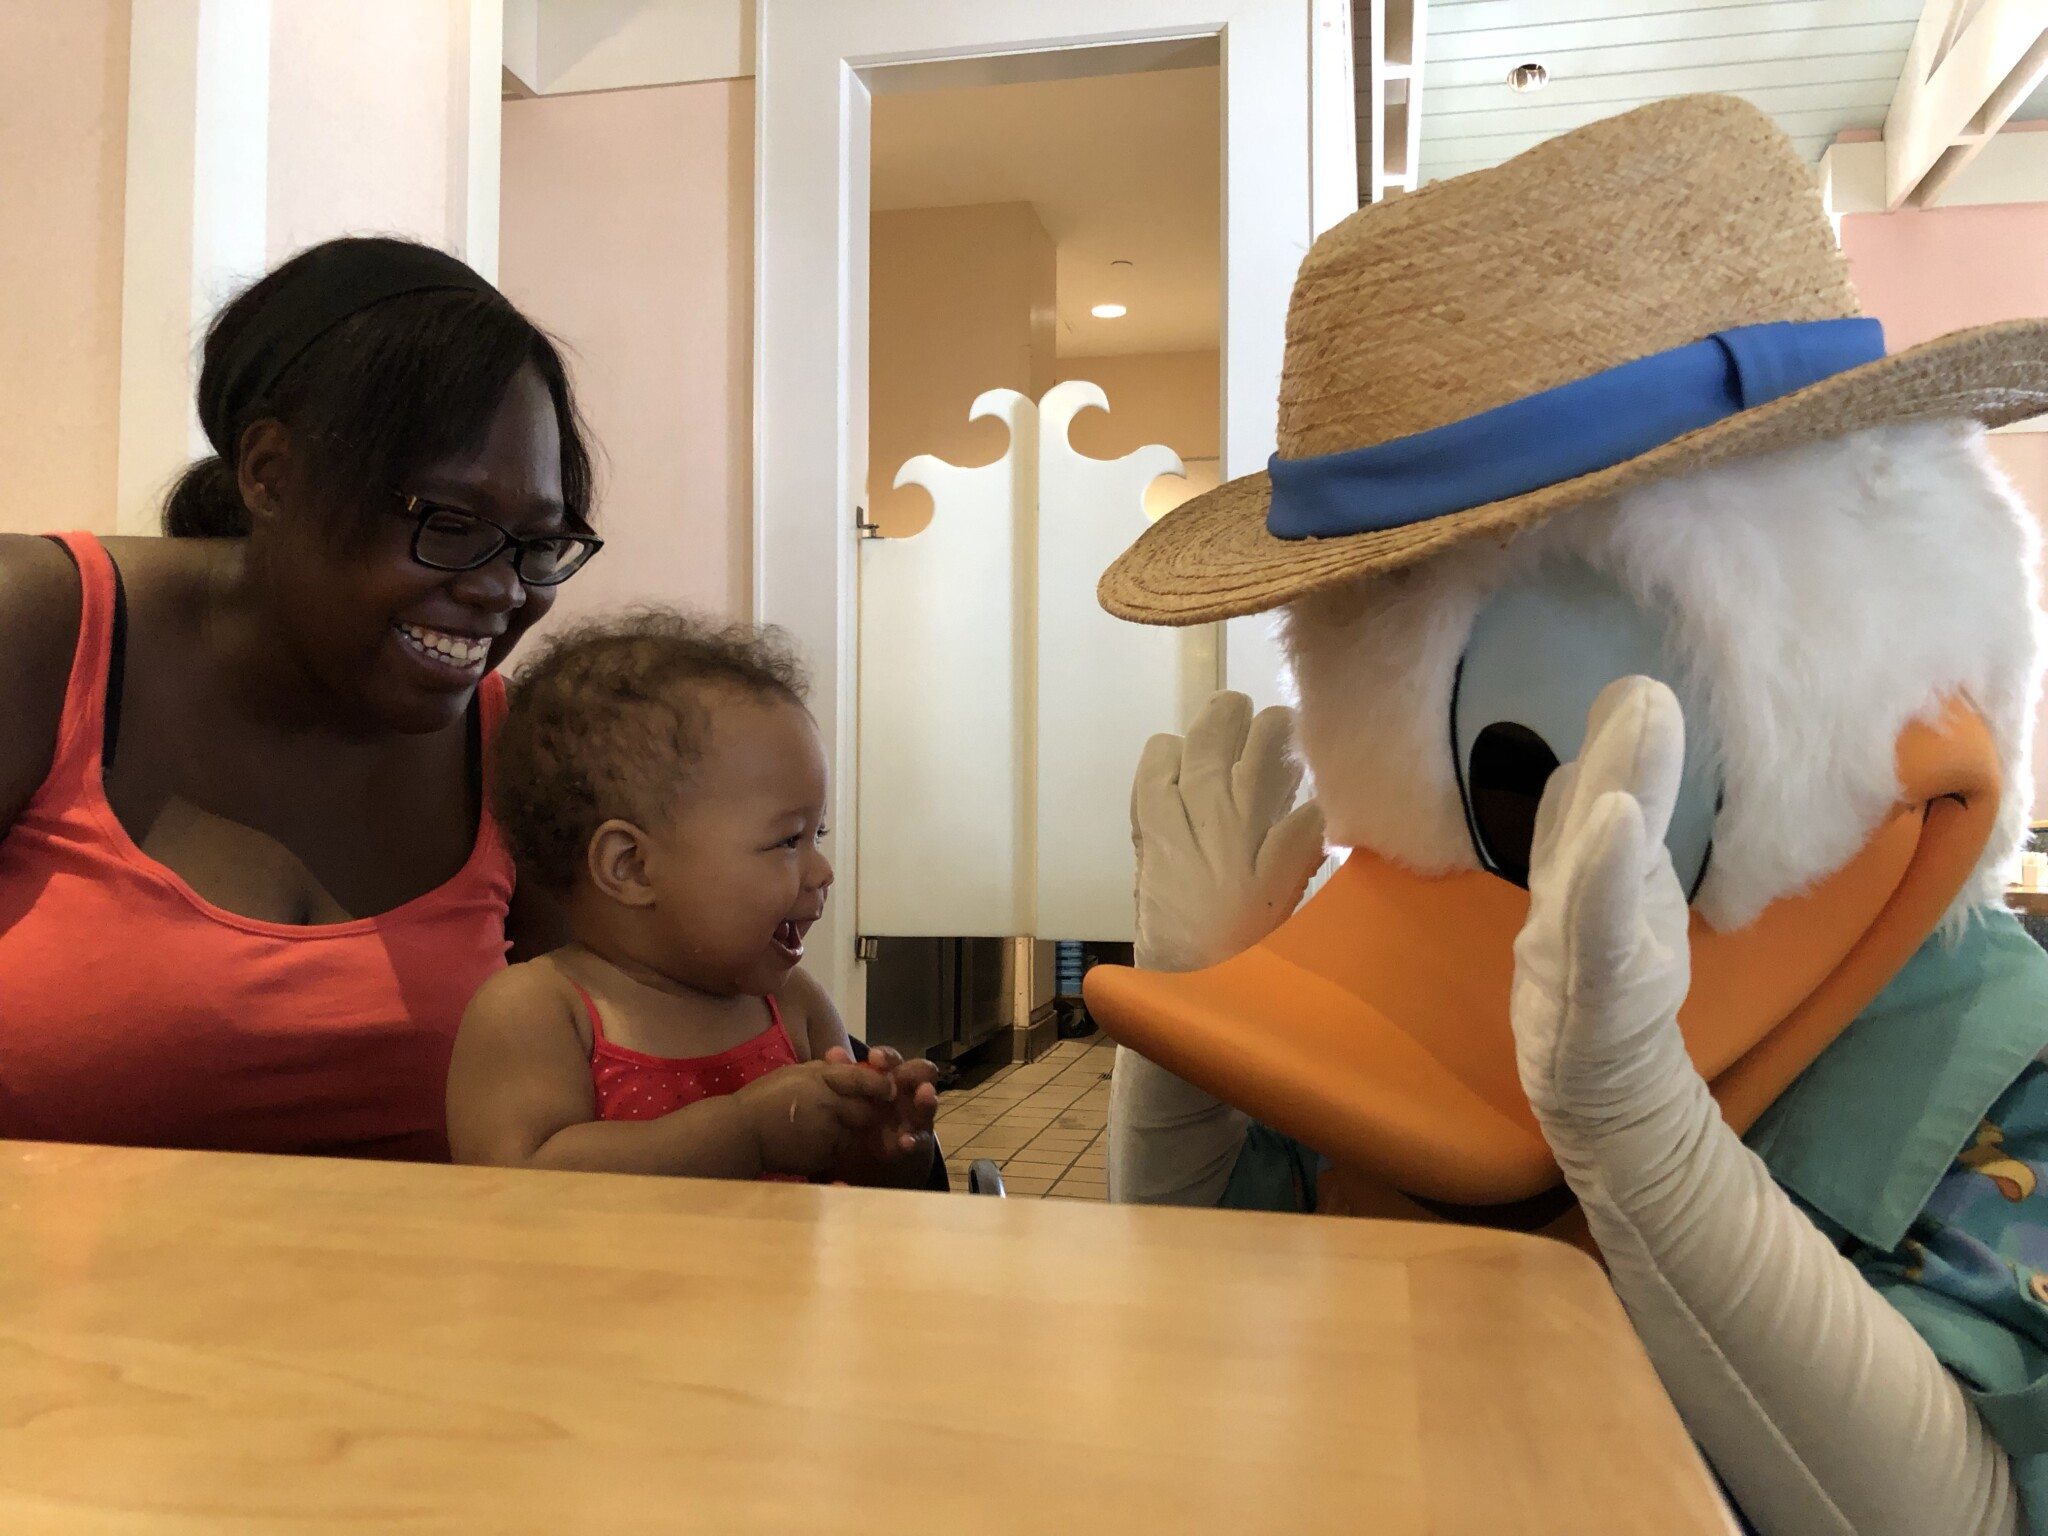 2 semaines en Floride avec un bébé de 1 an - Séjour du 2 au 16 mai 2019 DCL + WDW - Page 18 IMG_9281-2048x1536